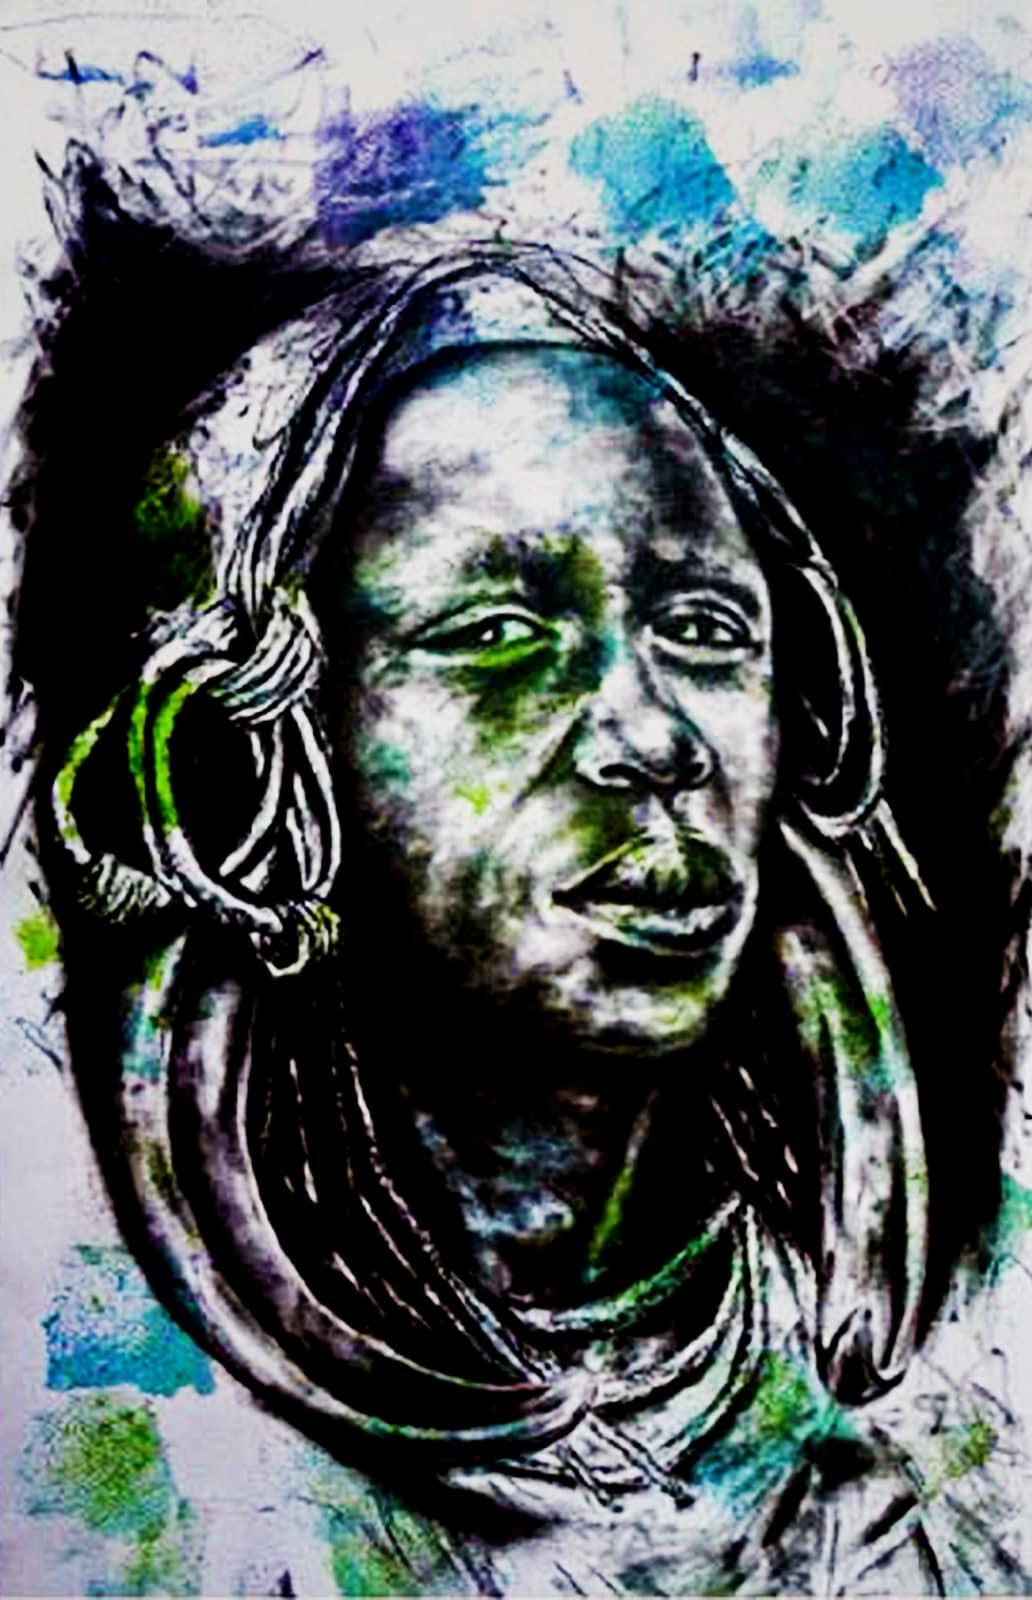 Mlamuli Mkhwanazi, Blow Your Own Horn, 2015